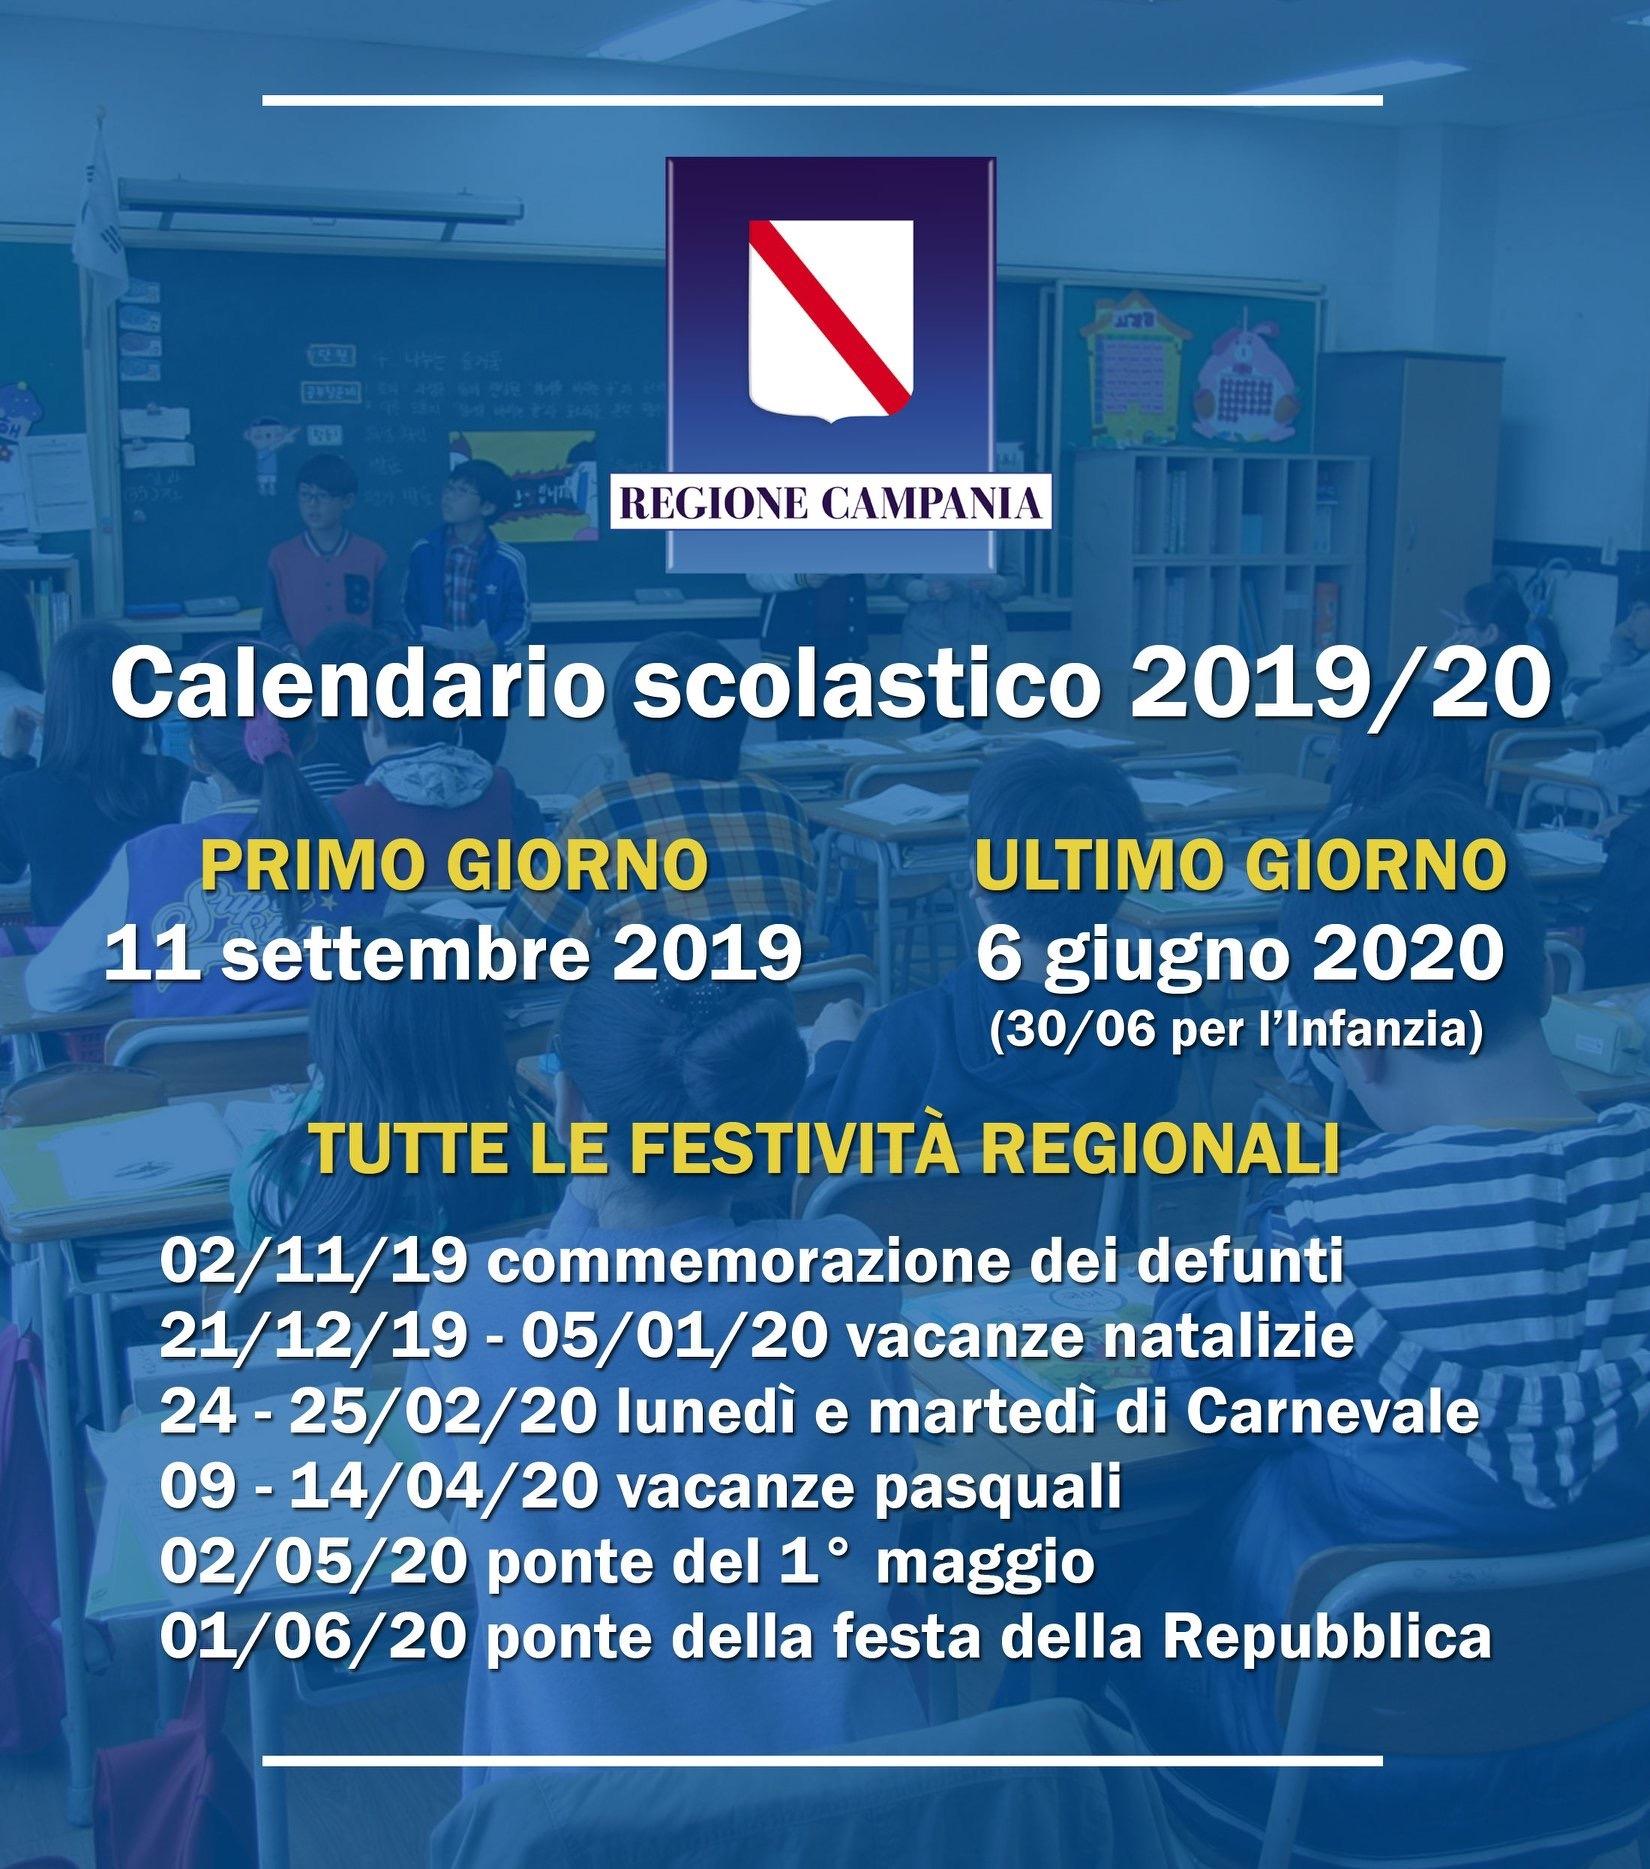 Calendario Delle Festivita 2020.Anno Scolastico 2019 2020 Date E Festivita In Campania